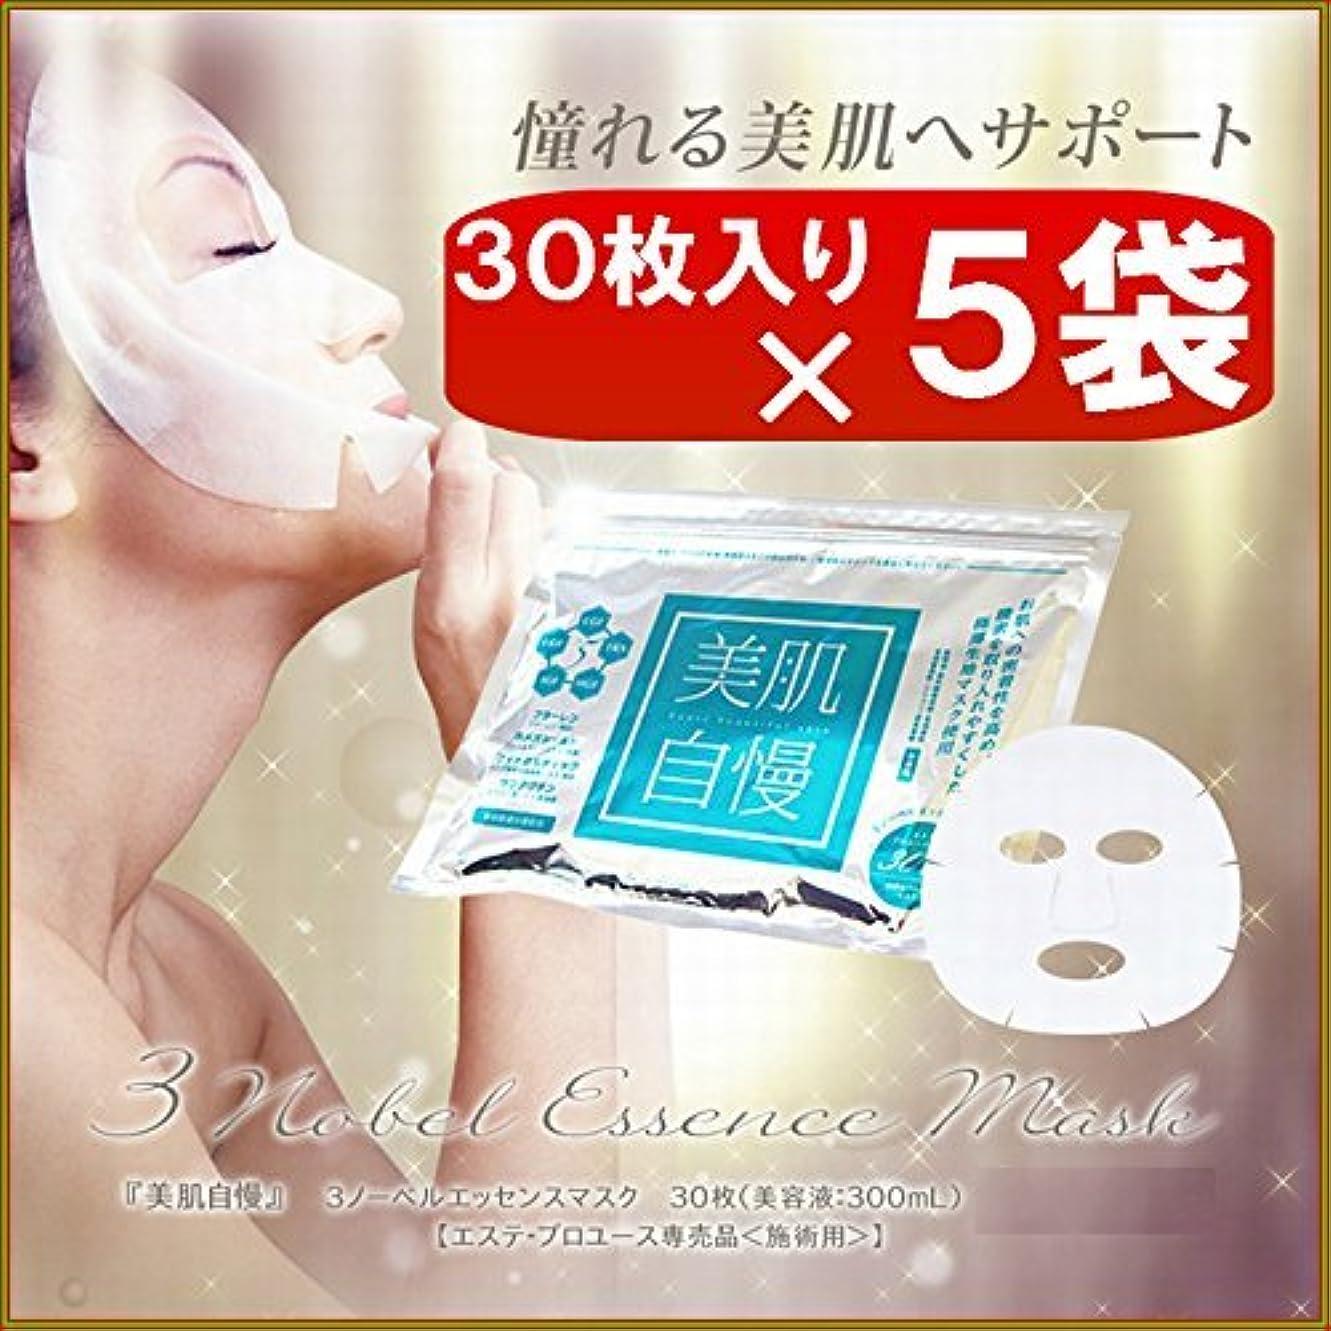 侵入する帰する感謝祭美肌自慢フェイスマスク 30枚入り ×超お得5袋セット 《エッセンスマスク、EGF、IGF、ヒアルロン酸、プラセンタ、アルブチン、カタツムリエキス、しみ、しわ》